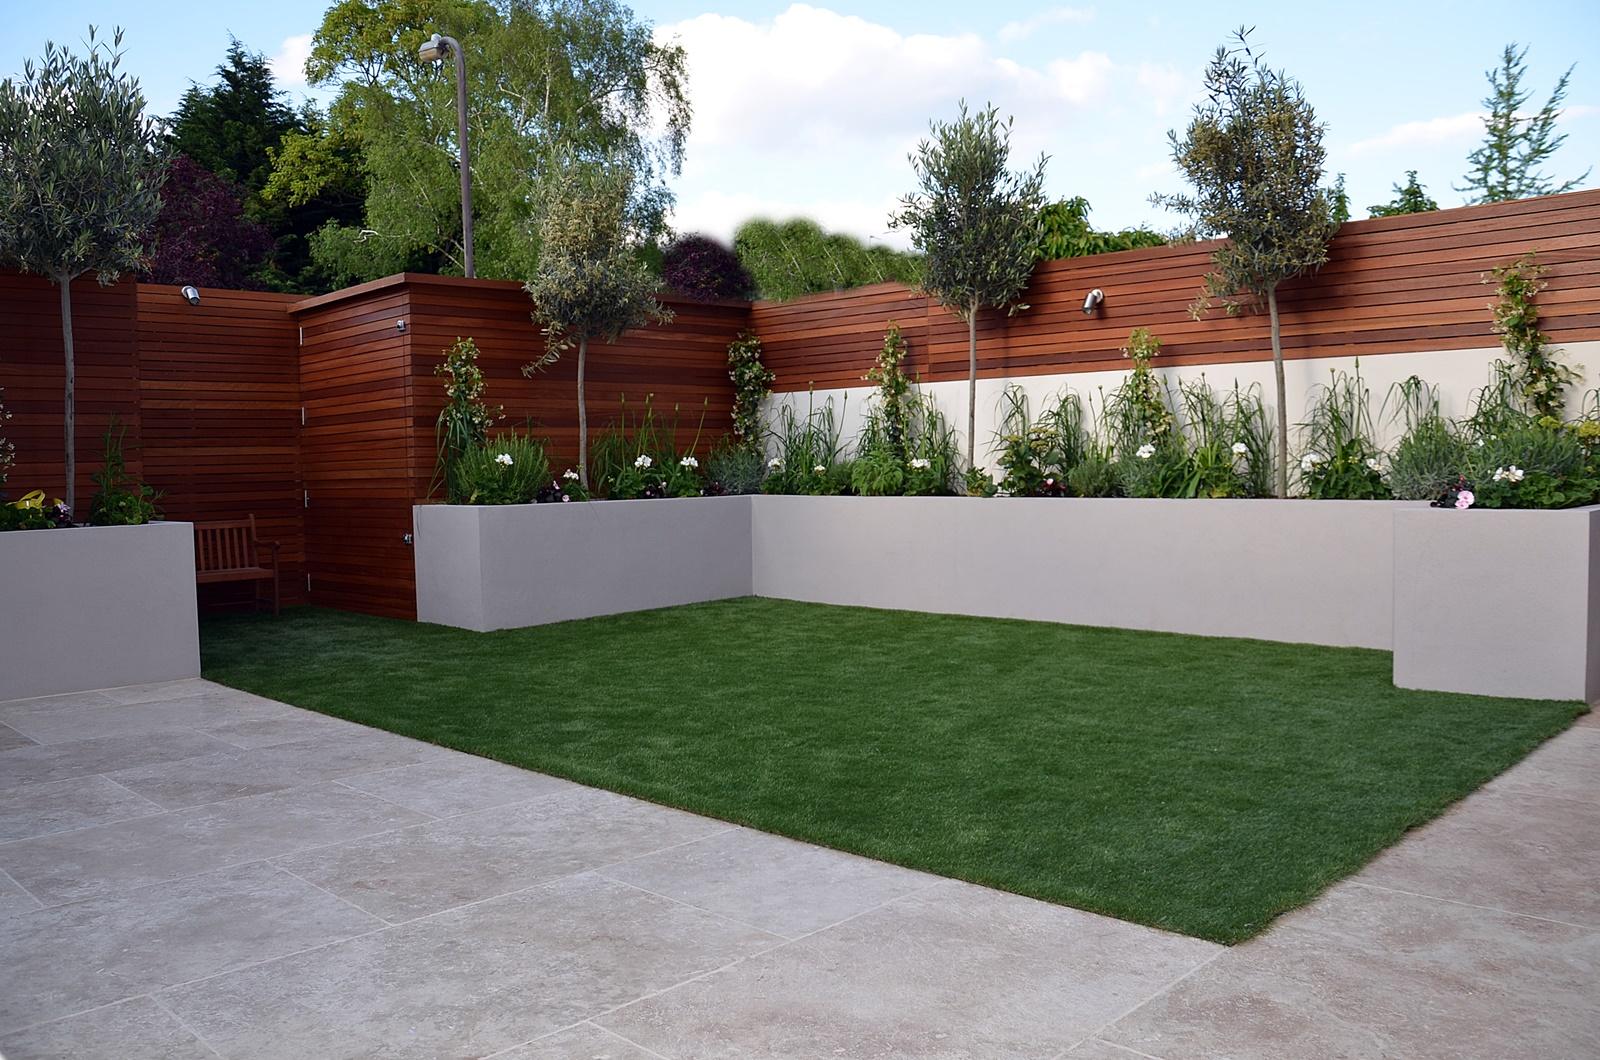 hardwood cedar privacy screen trellis garden design london